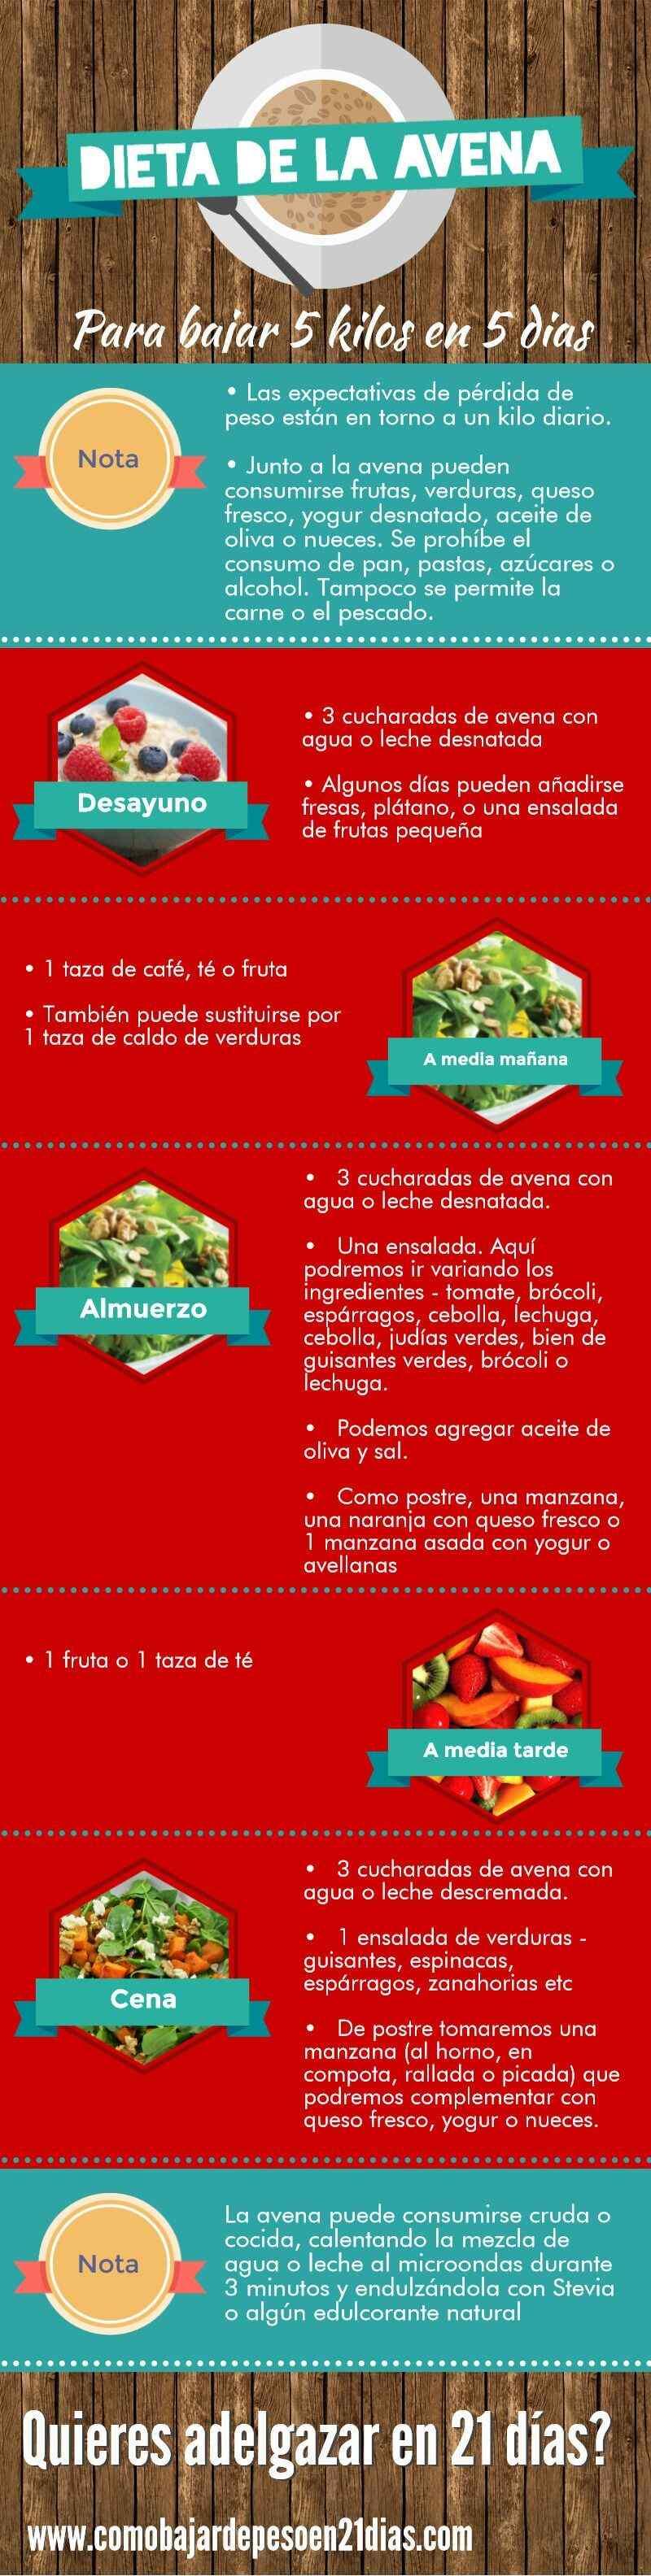 dieta-de-la-avena_infografia